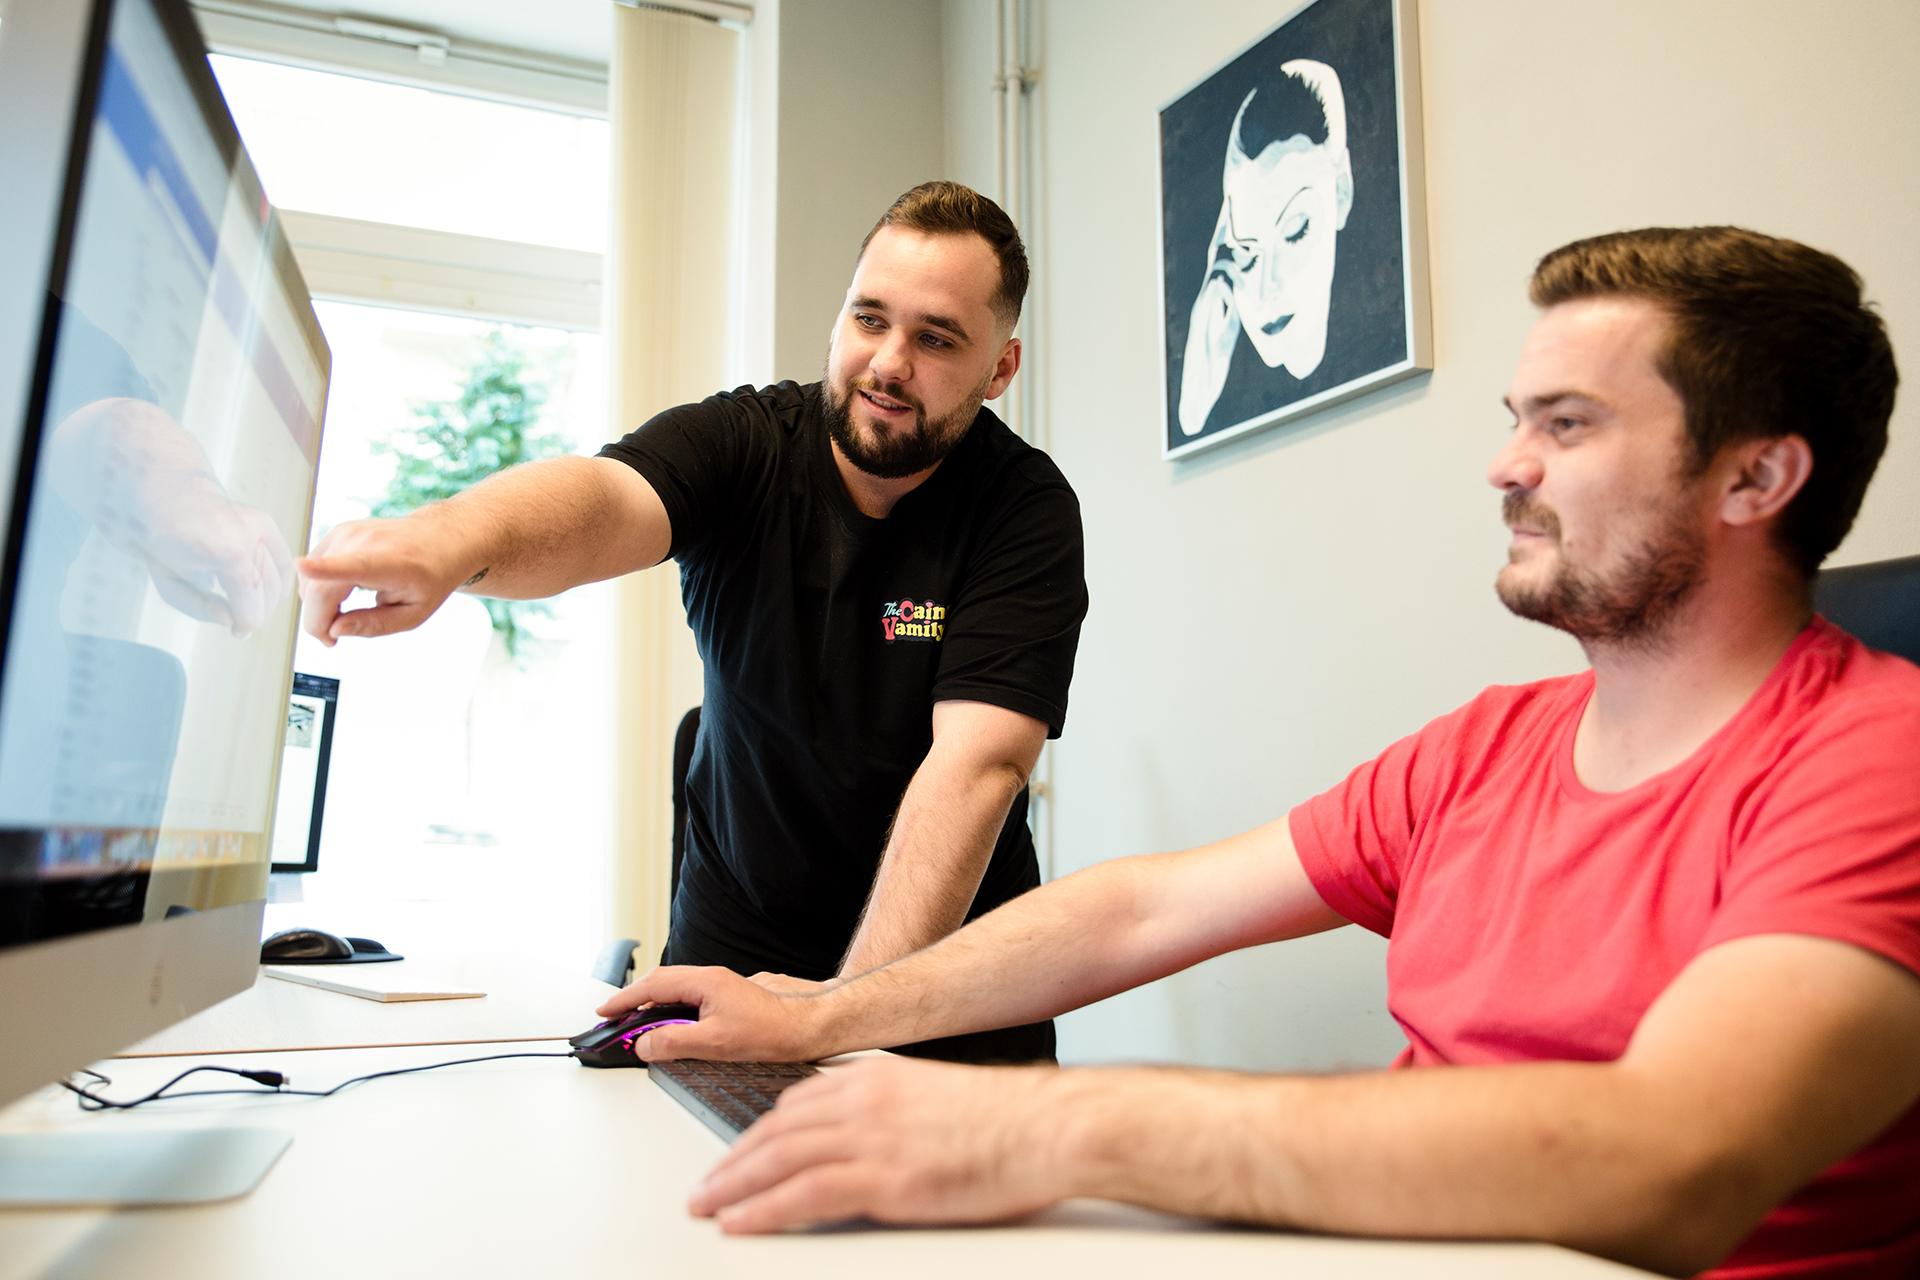 Attila und Vladimir bei der Onpage SEO.